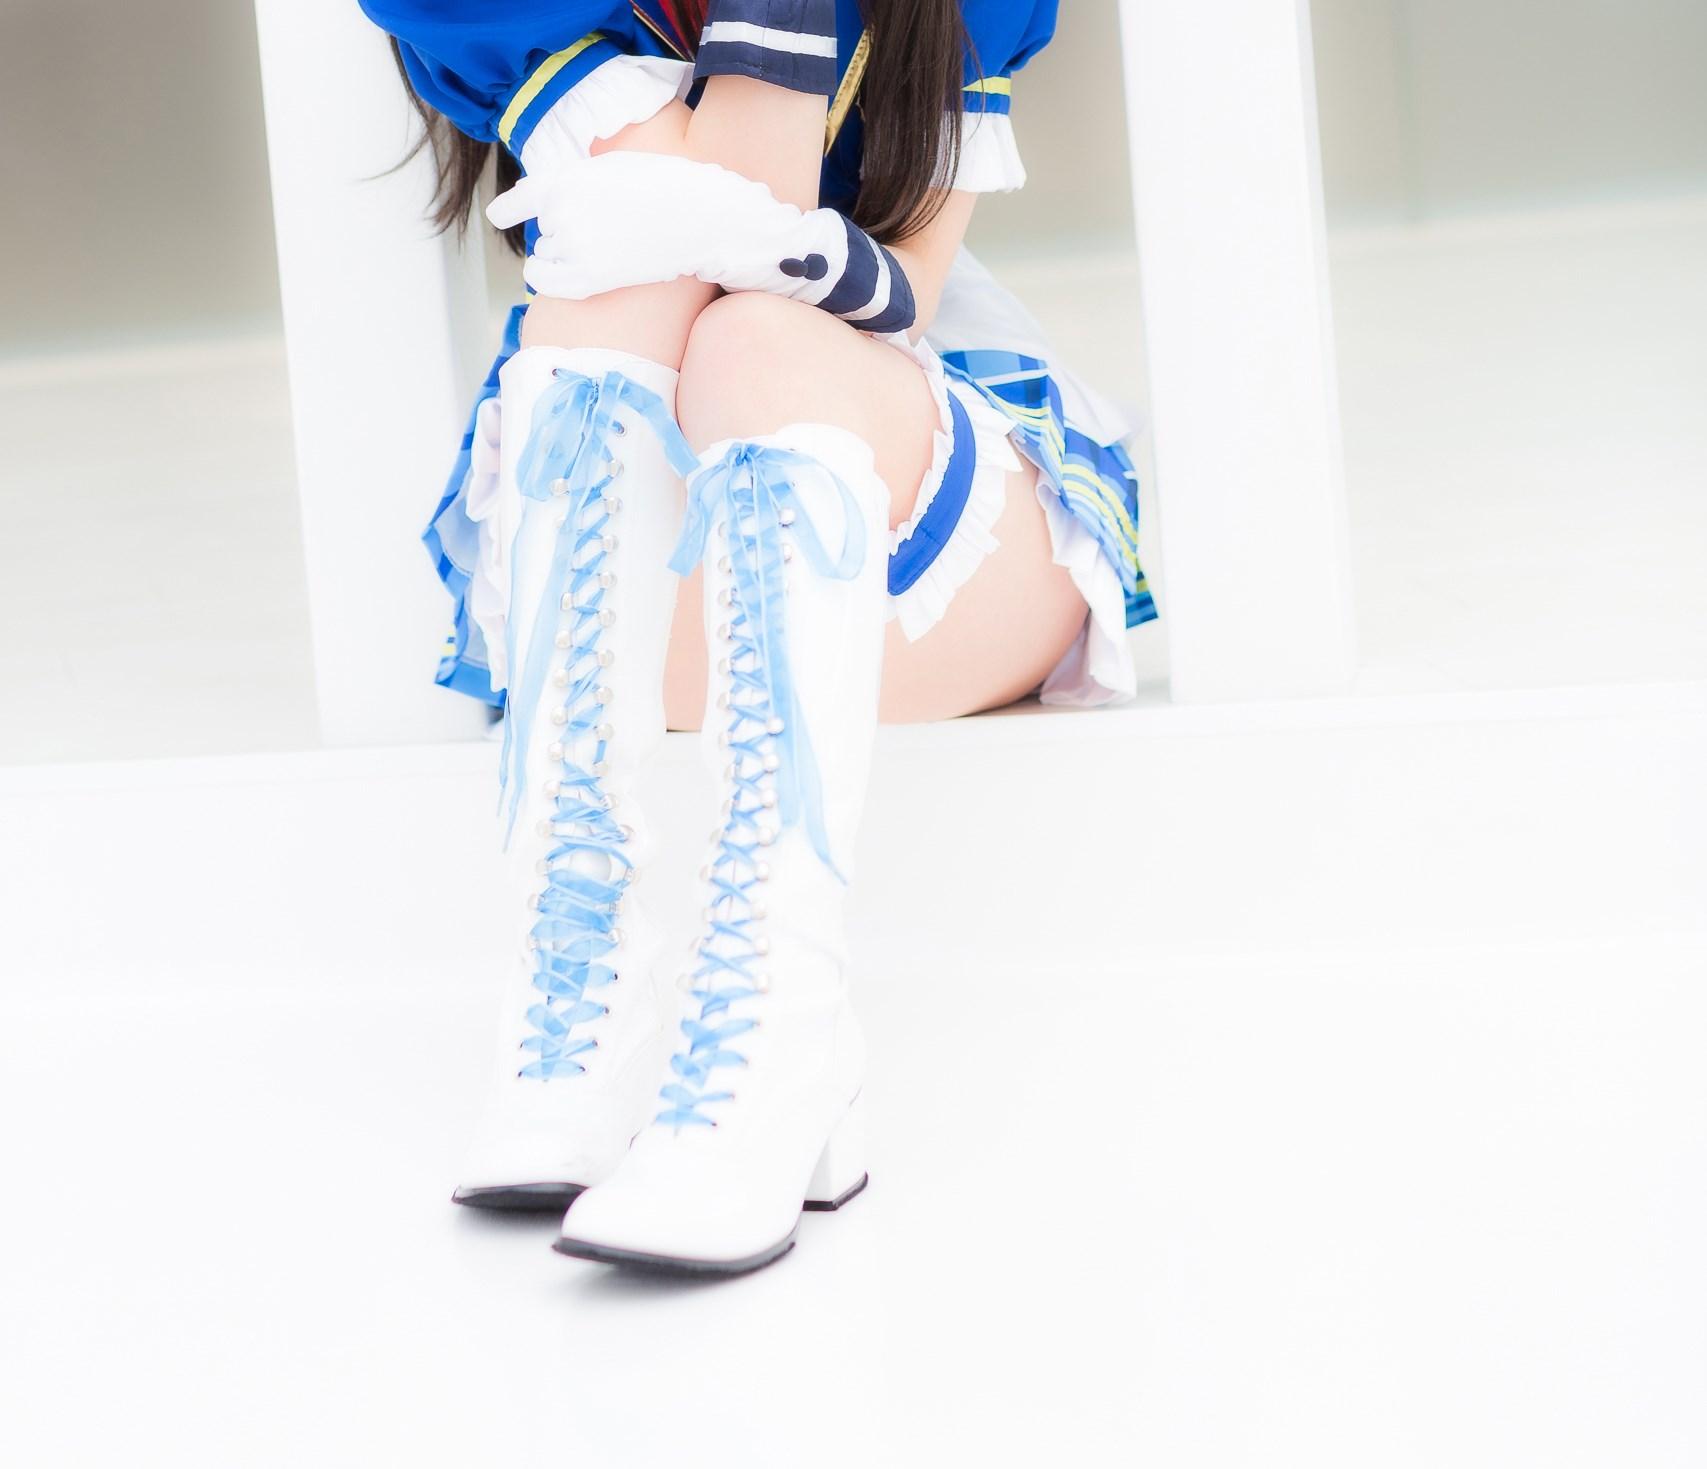 【兔玩映画】少女制服爱豆 兔玩映画 第35张